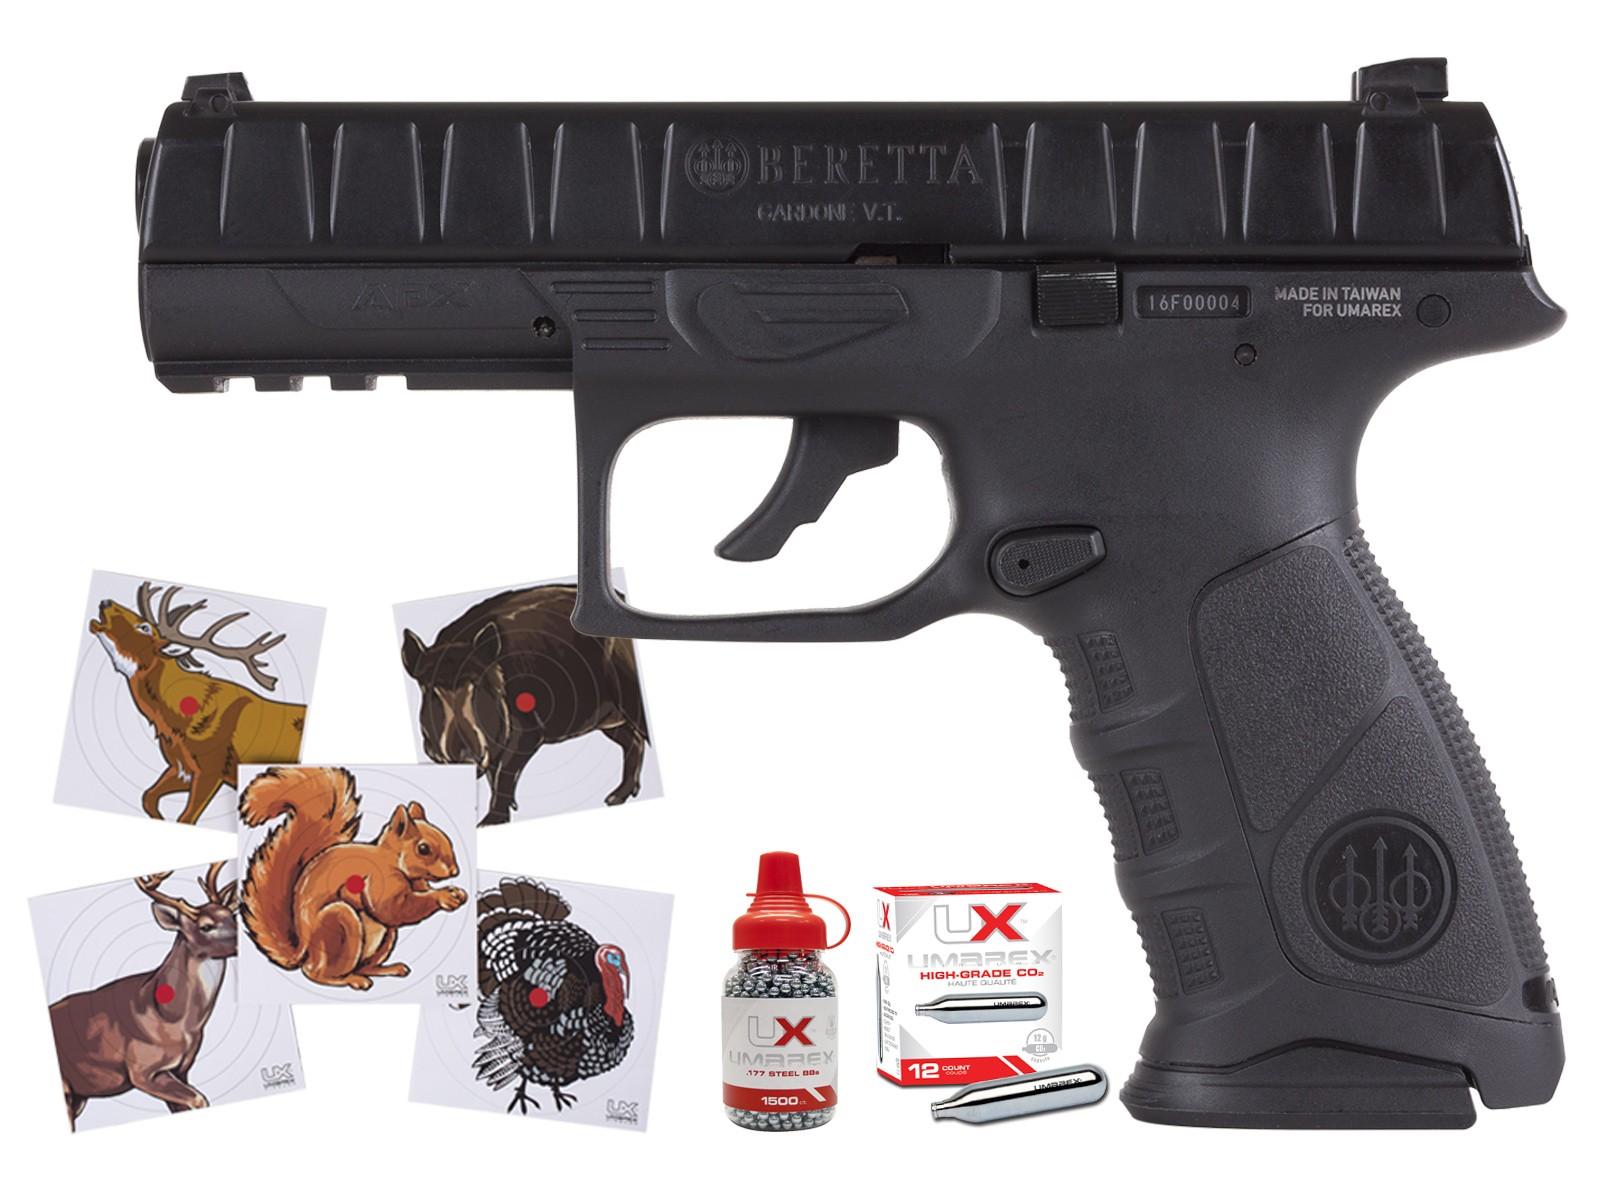 NEW Beretta APX Blowback 177 Cal BB Semi-Auto Hand Gun Air Pistol Gas CO2 Airgun